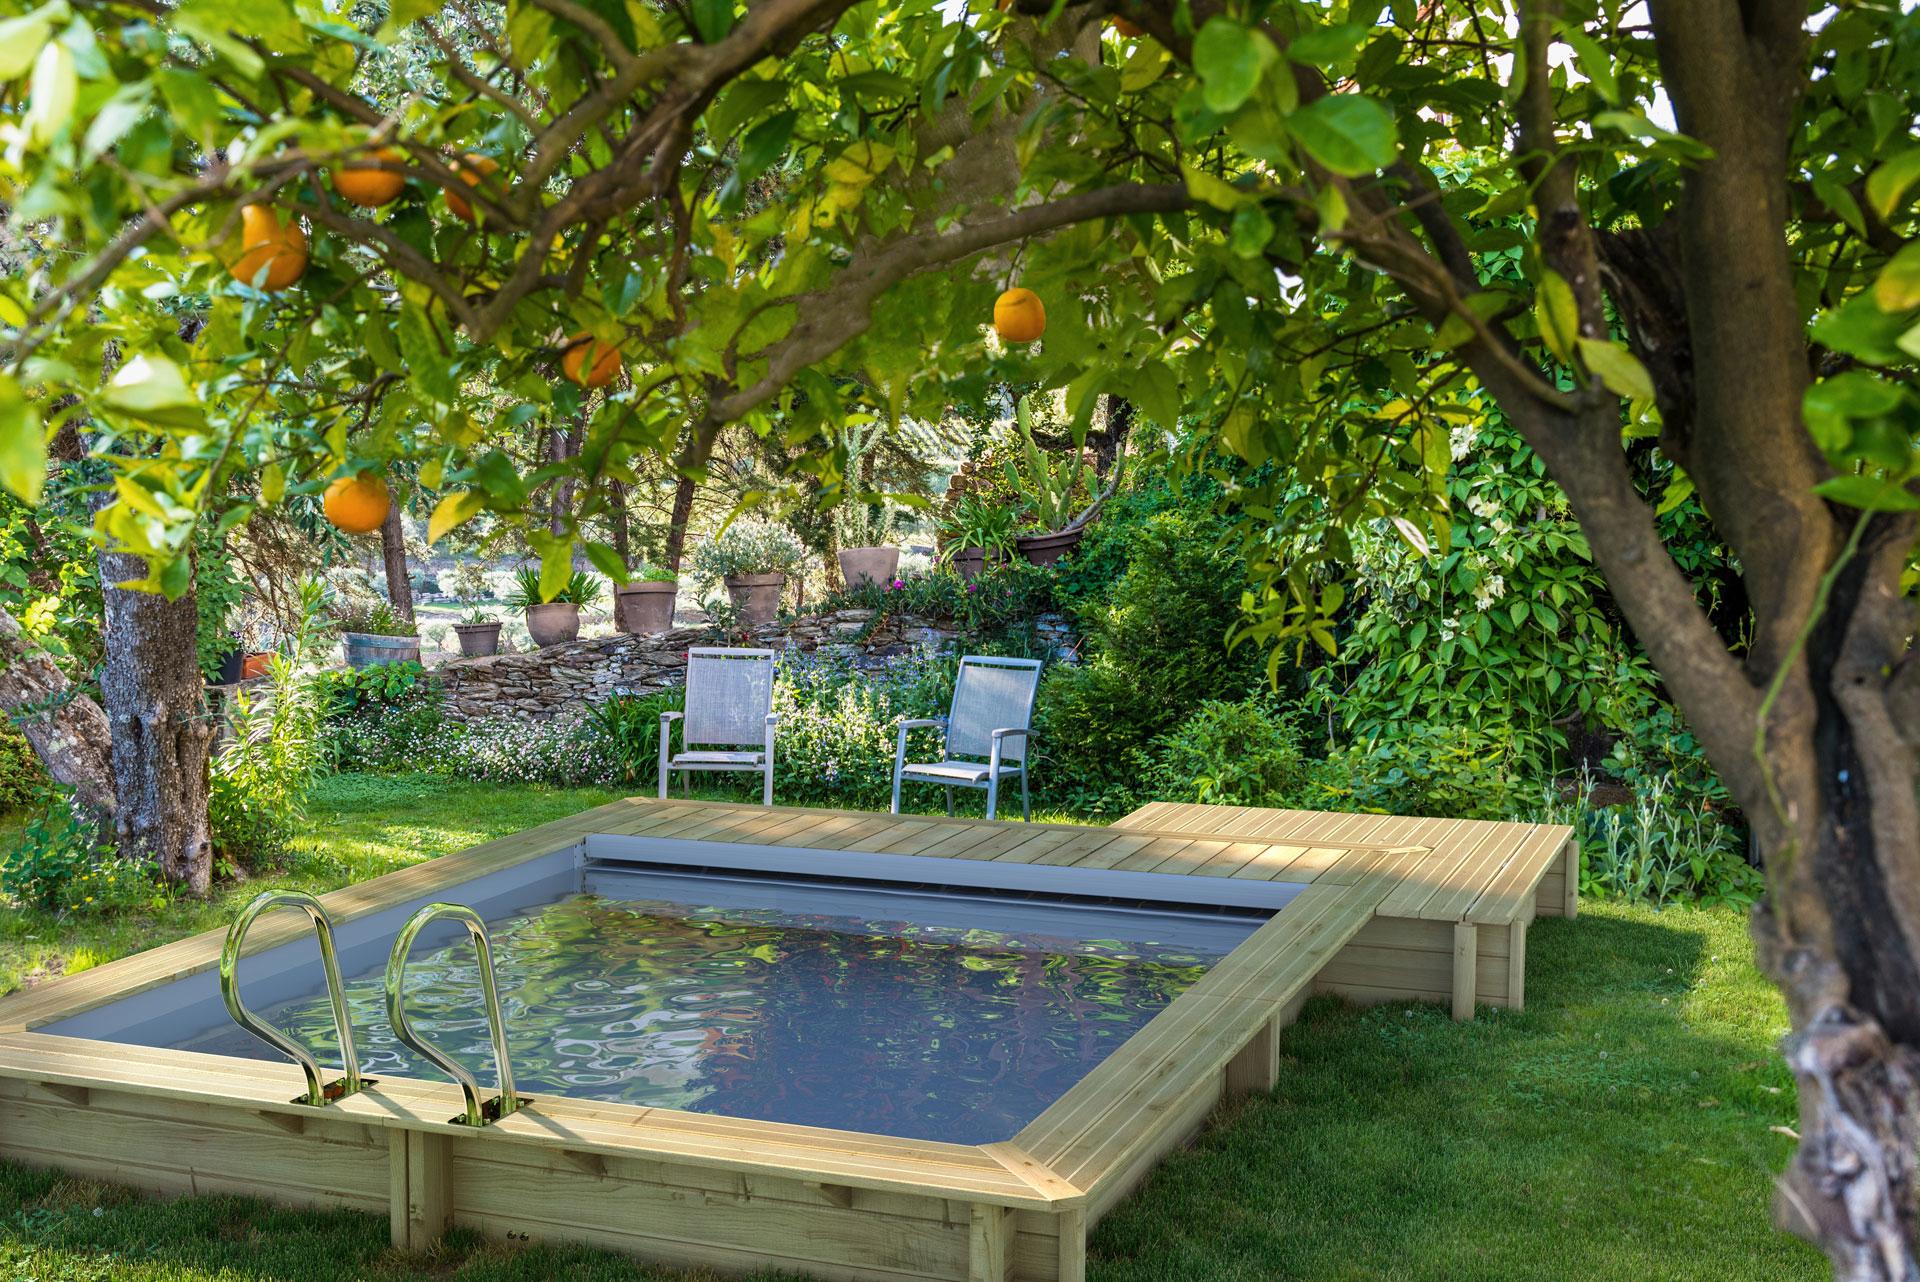 Comment Installer Une Piscine Dans Un Petit Jardin à Aménagement Autour D Une Piscine Hors Sol